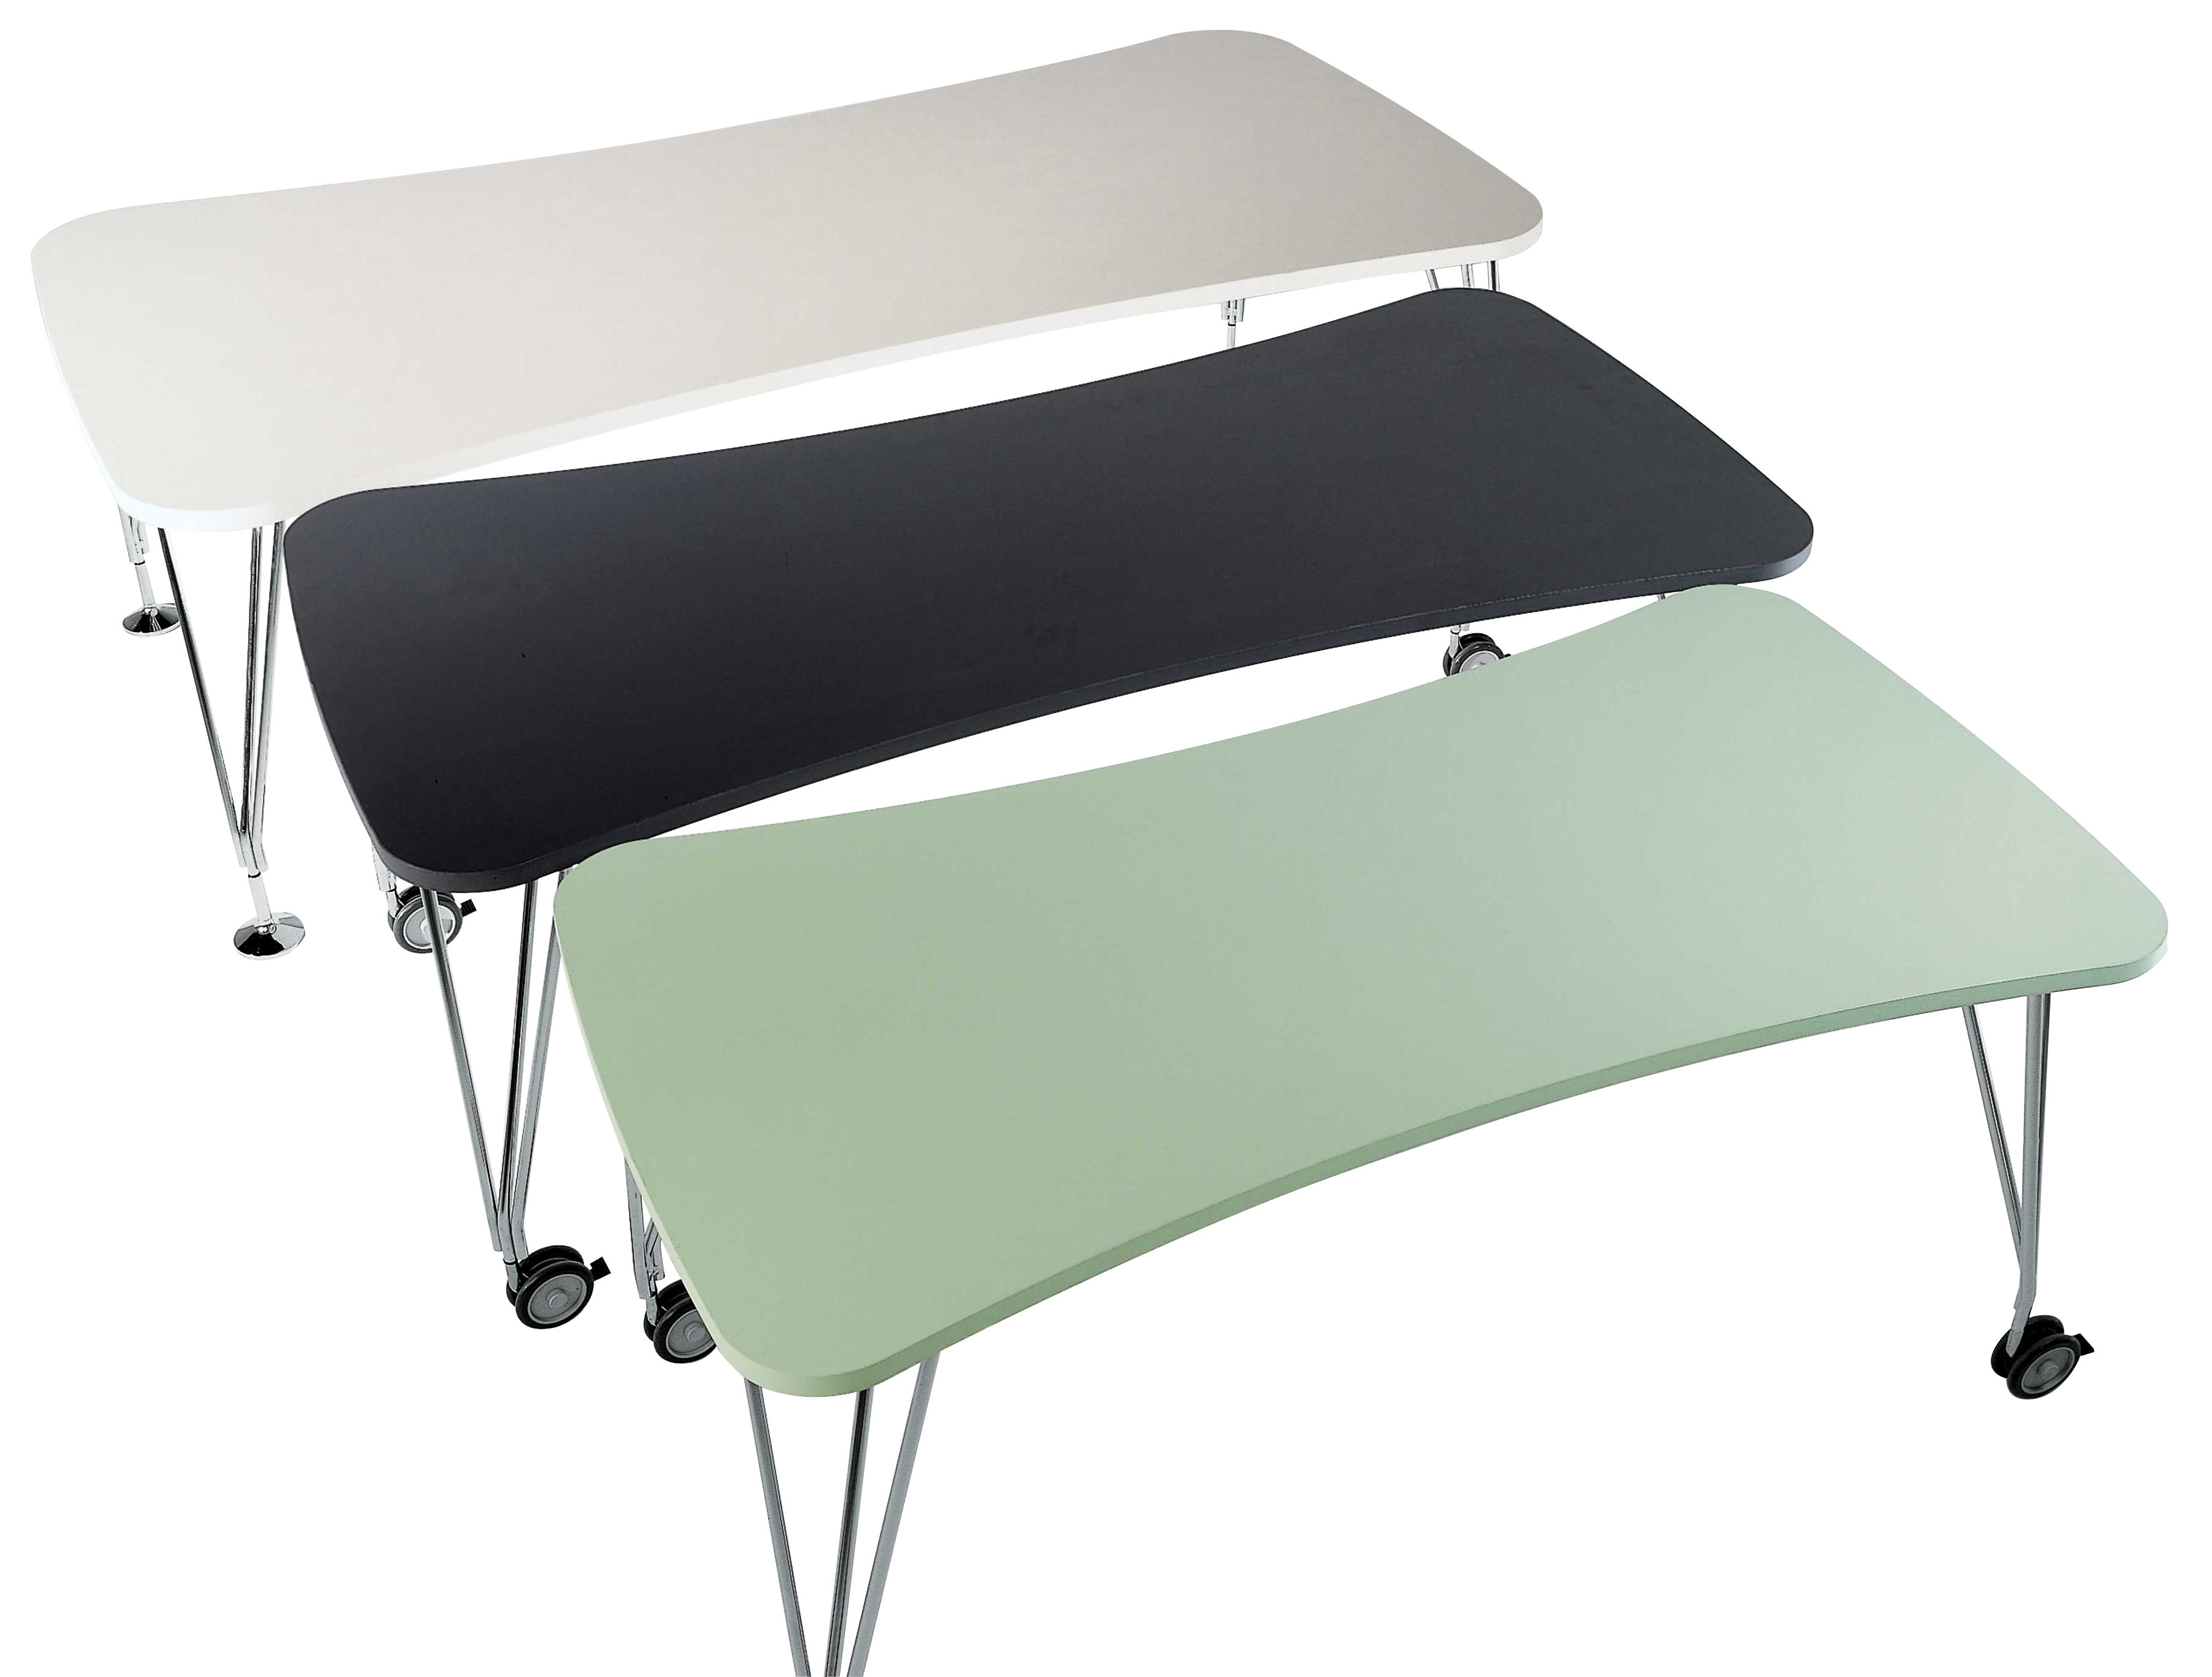 Arredamento - Mobili Ados  - Tavolo Max - Con piedi - 160 cm di Kartell - ardesia 160 cm - Acciaio cromato, Laminato